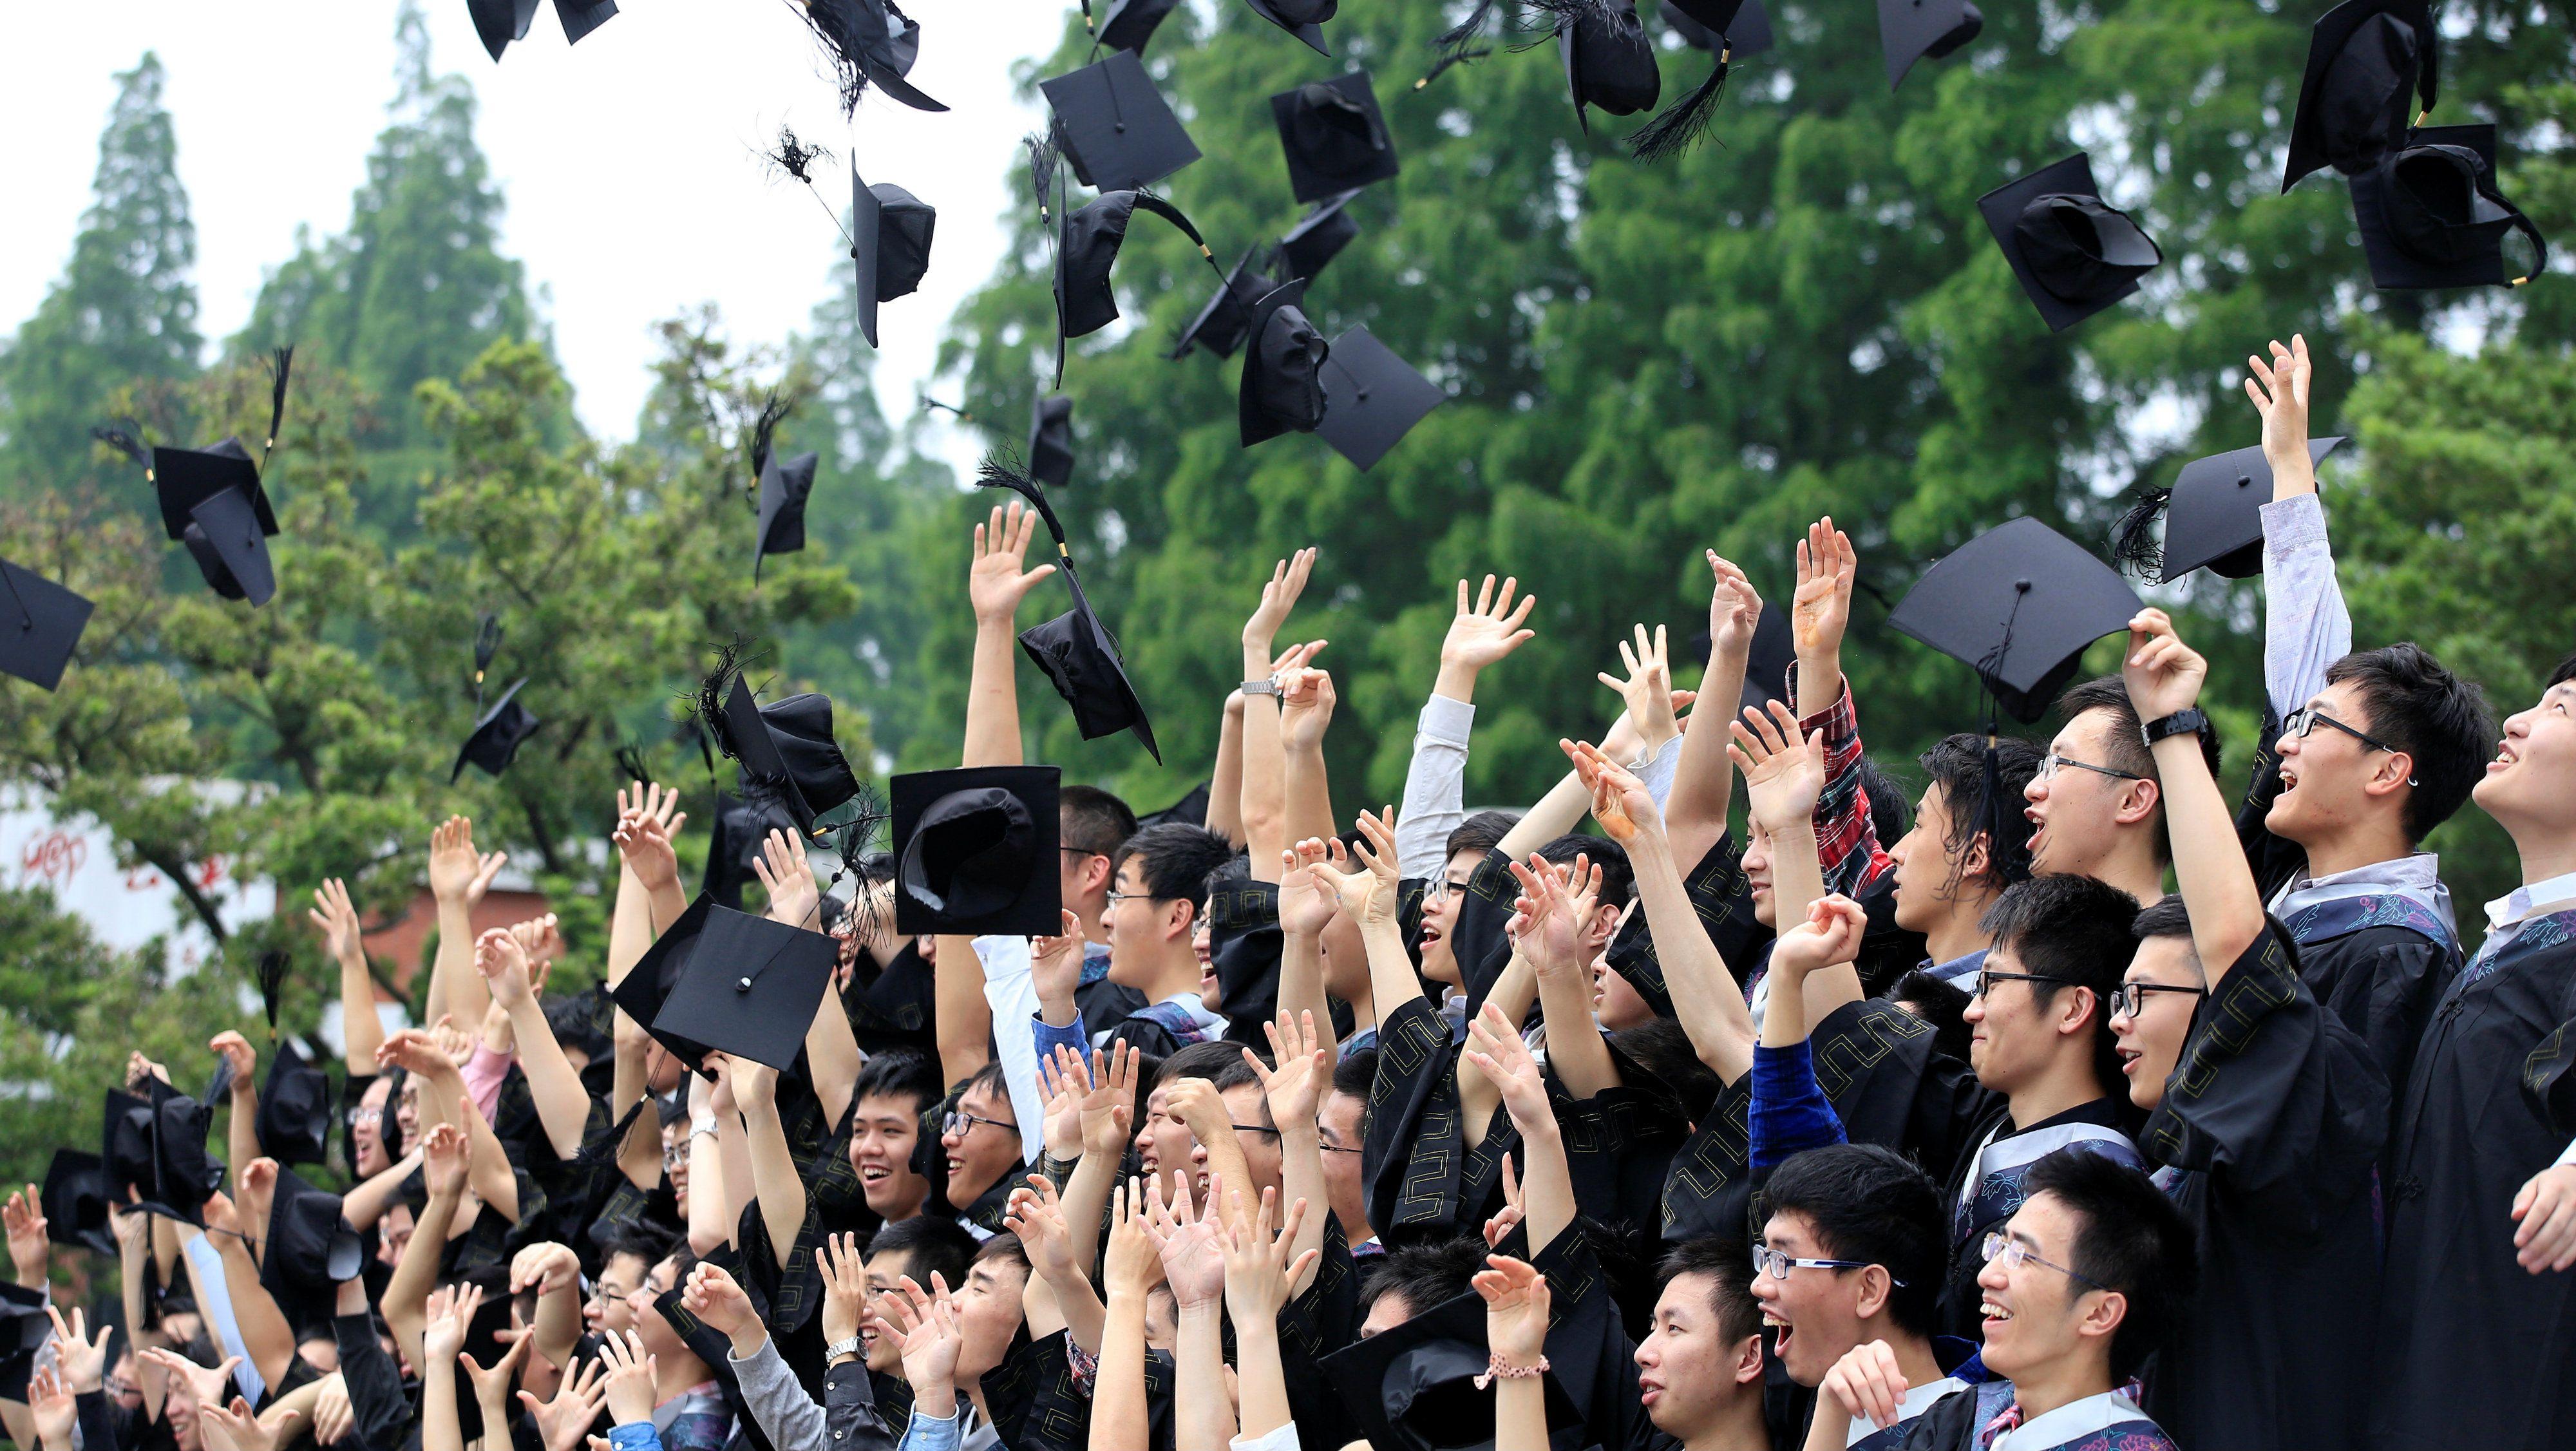 Bằng cấp tại Trung Quốc được nhiều quốc gia công nhận